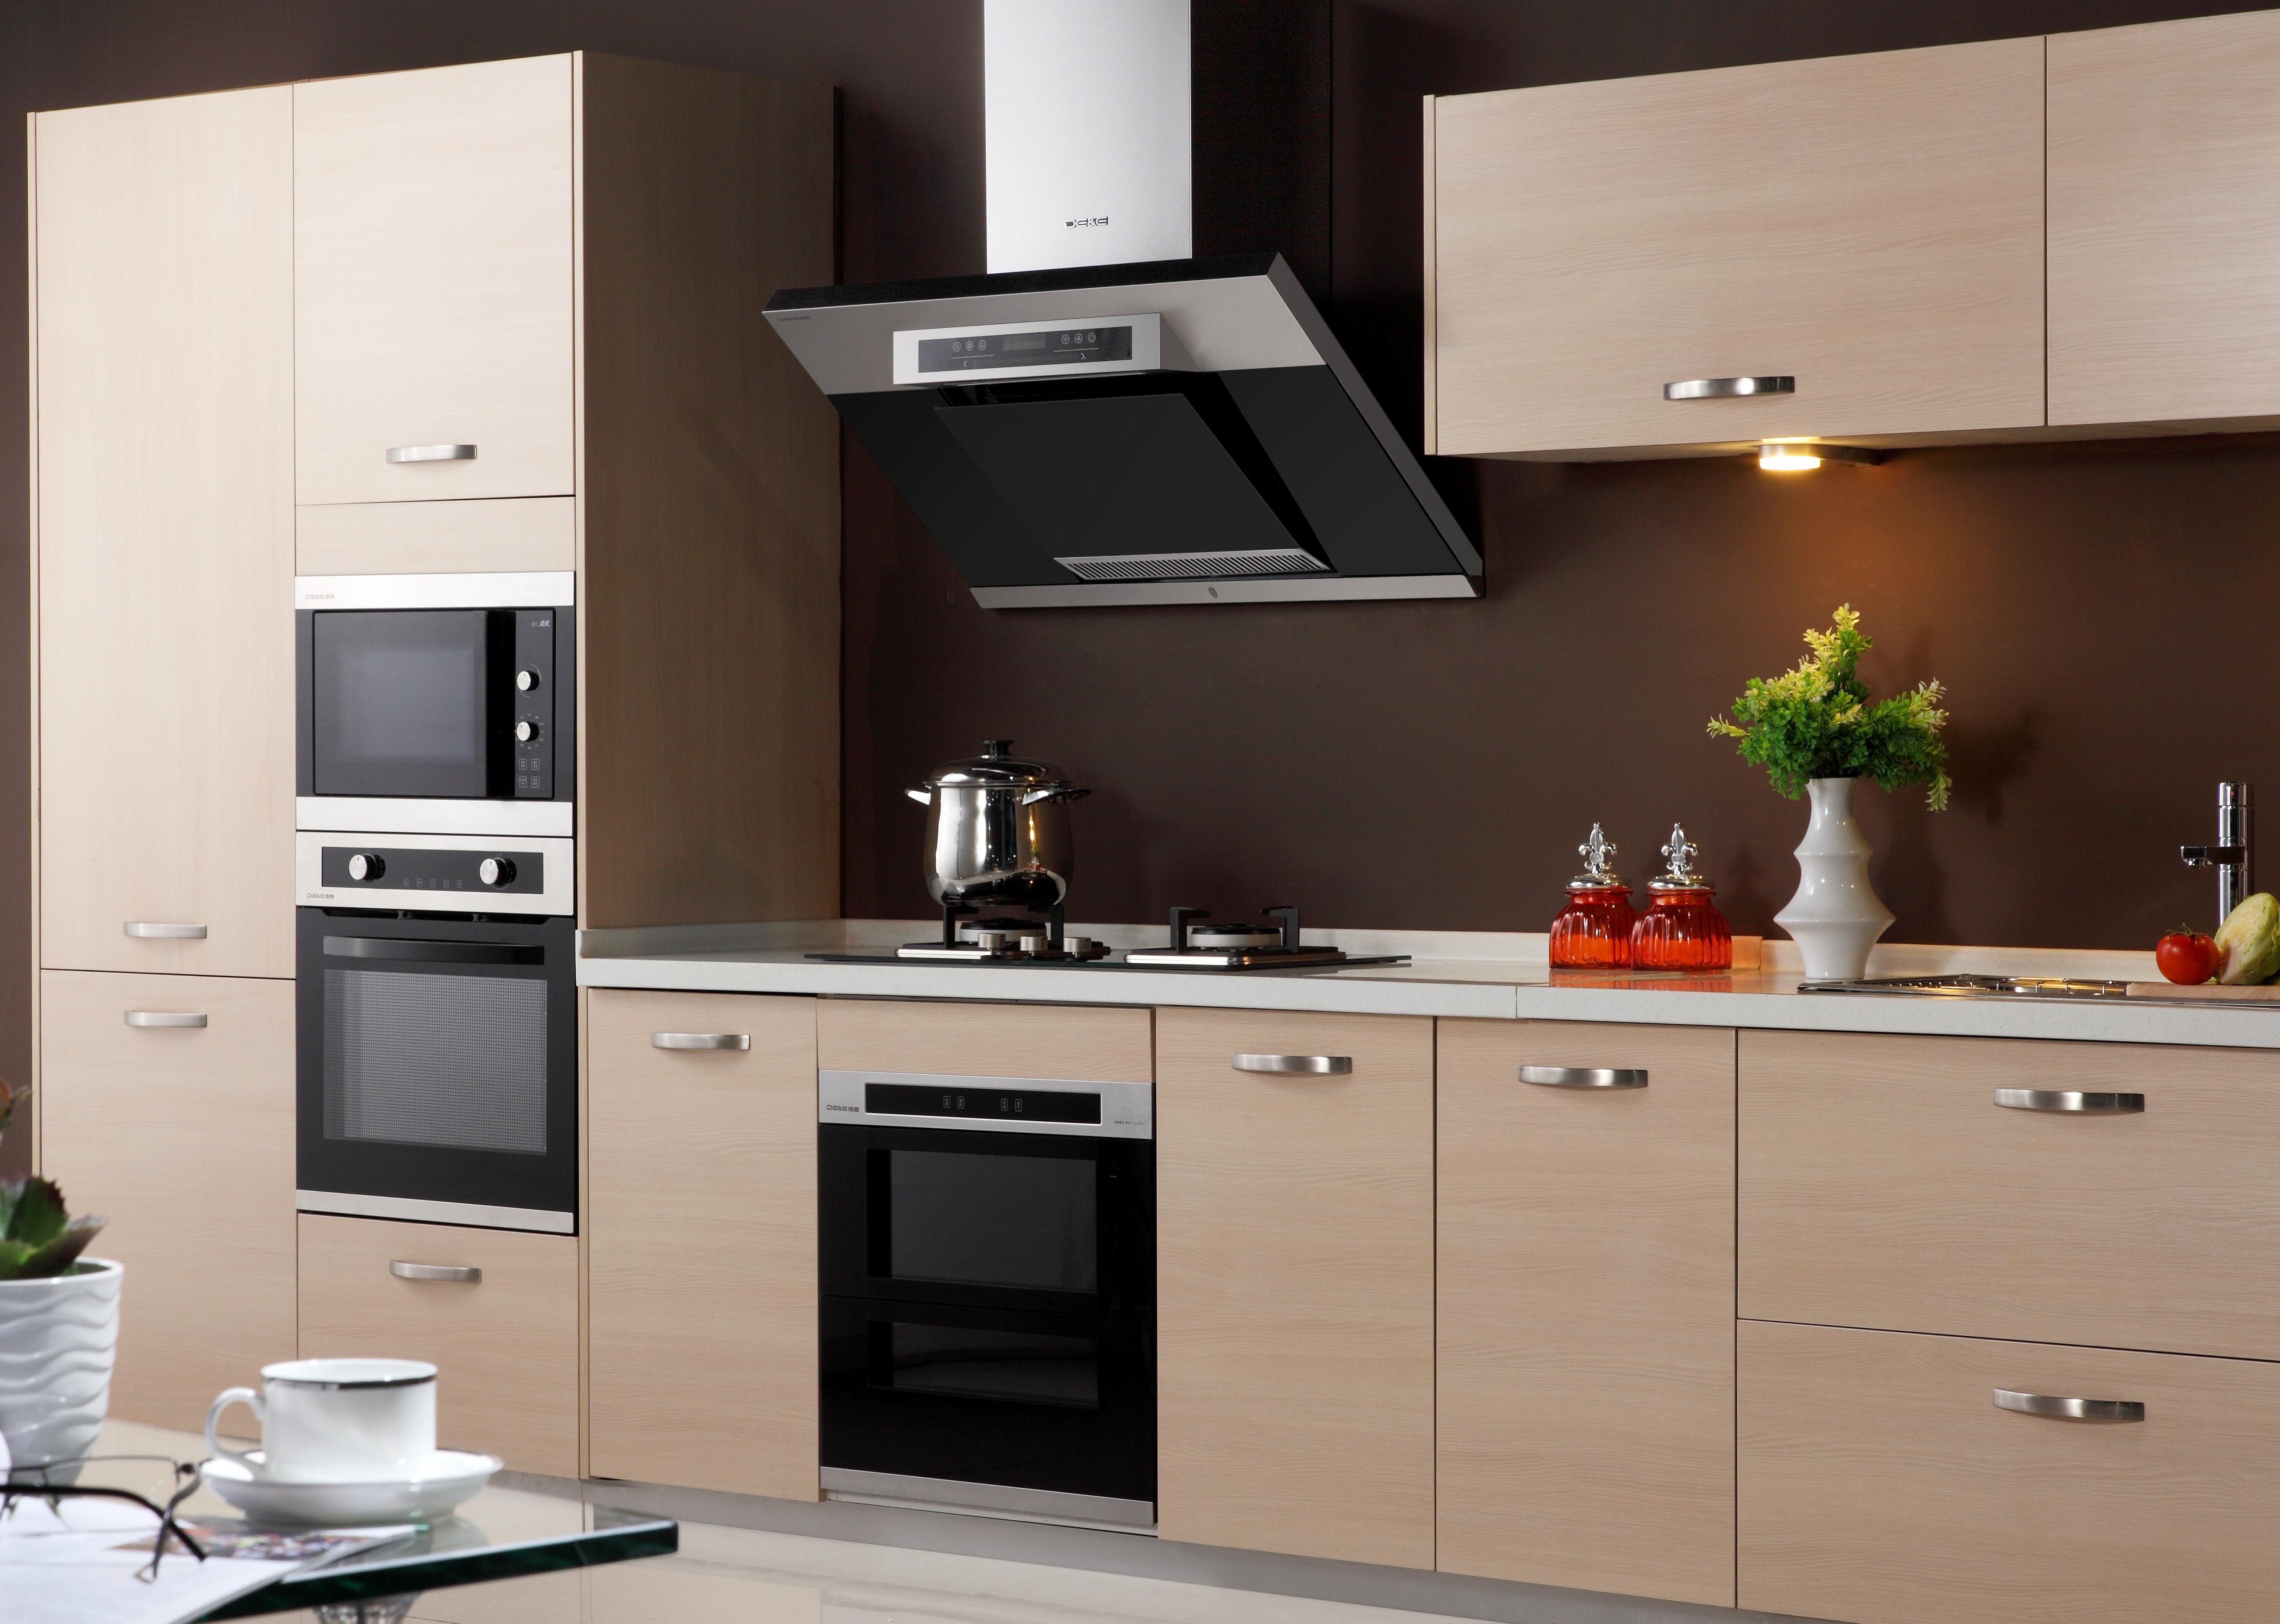 橱柜 厨房 家居 设计 装修 5188_3696